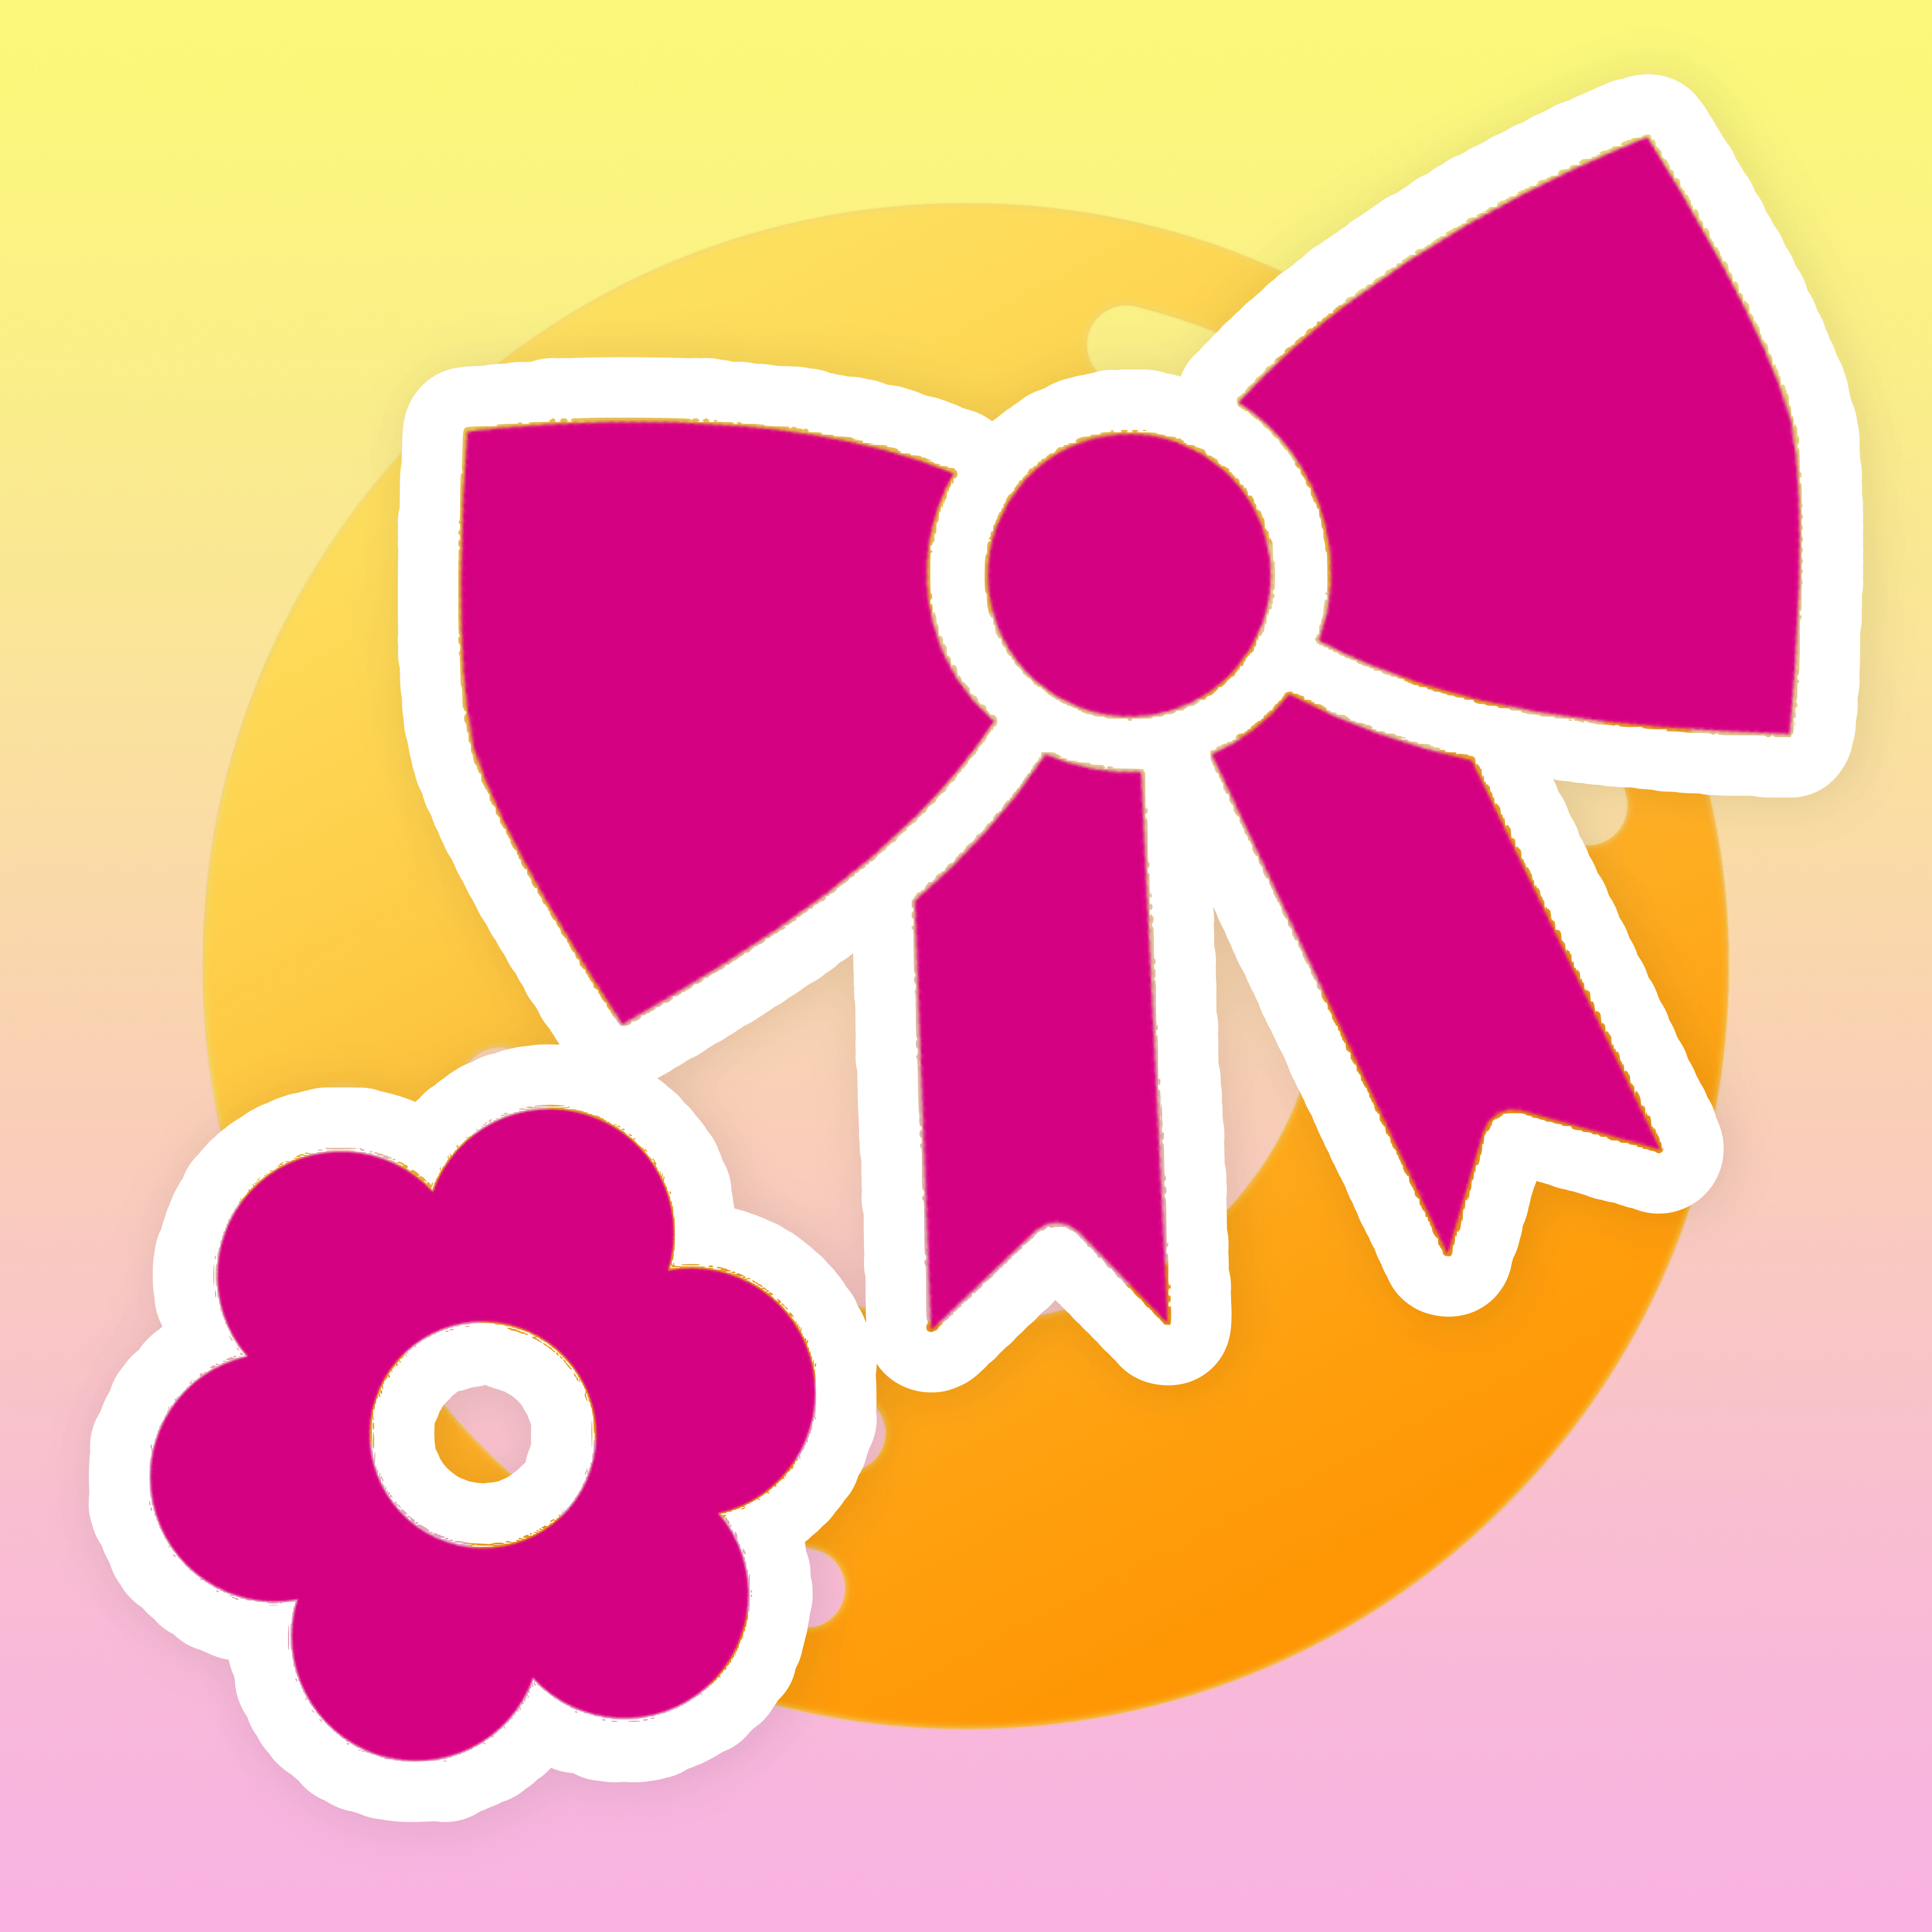 Miuu avatar